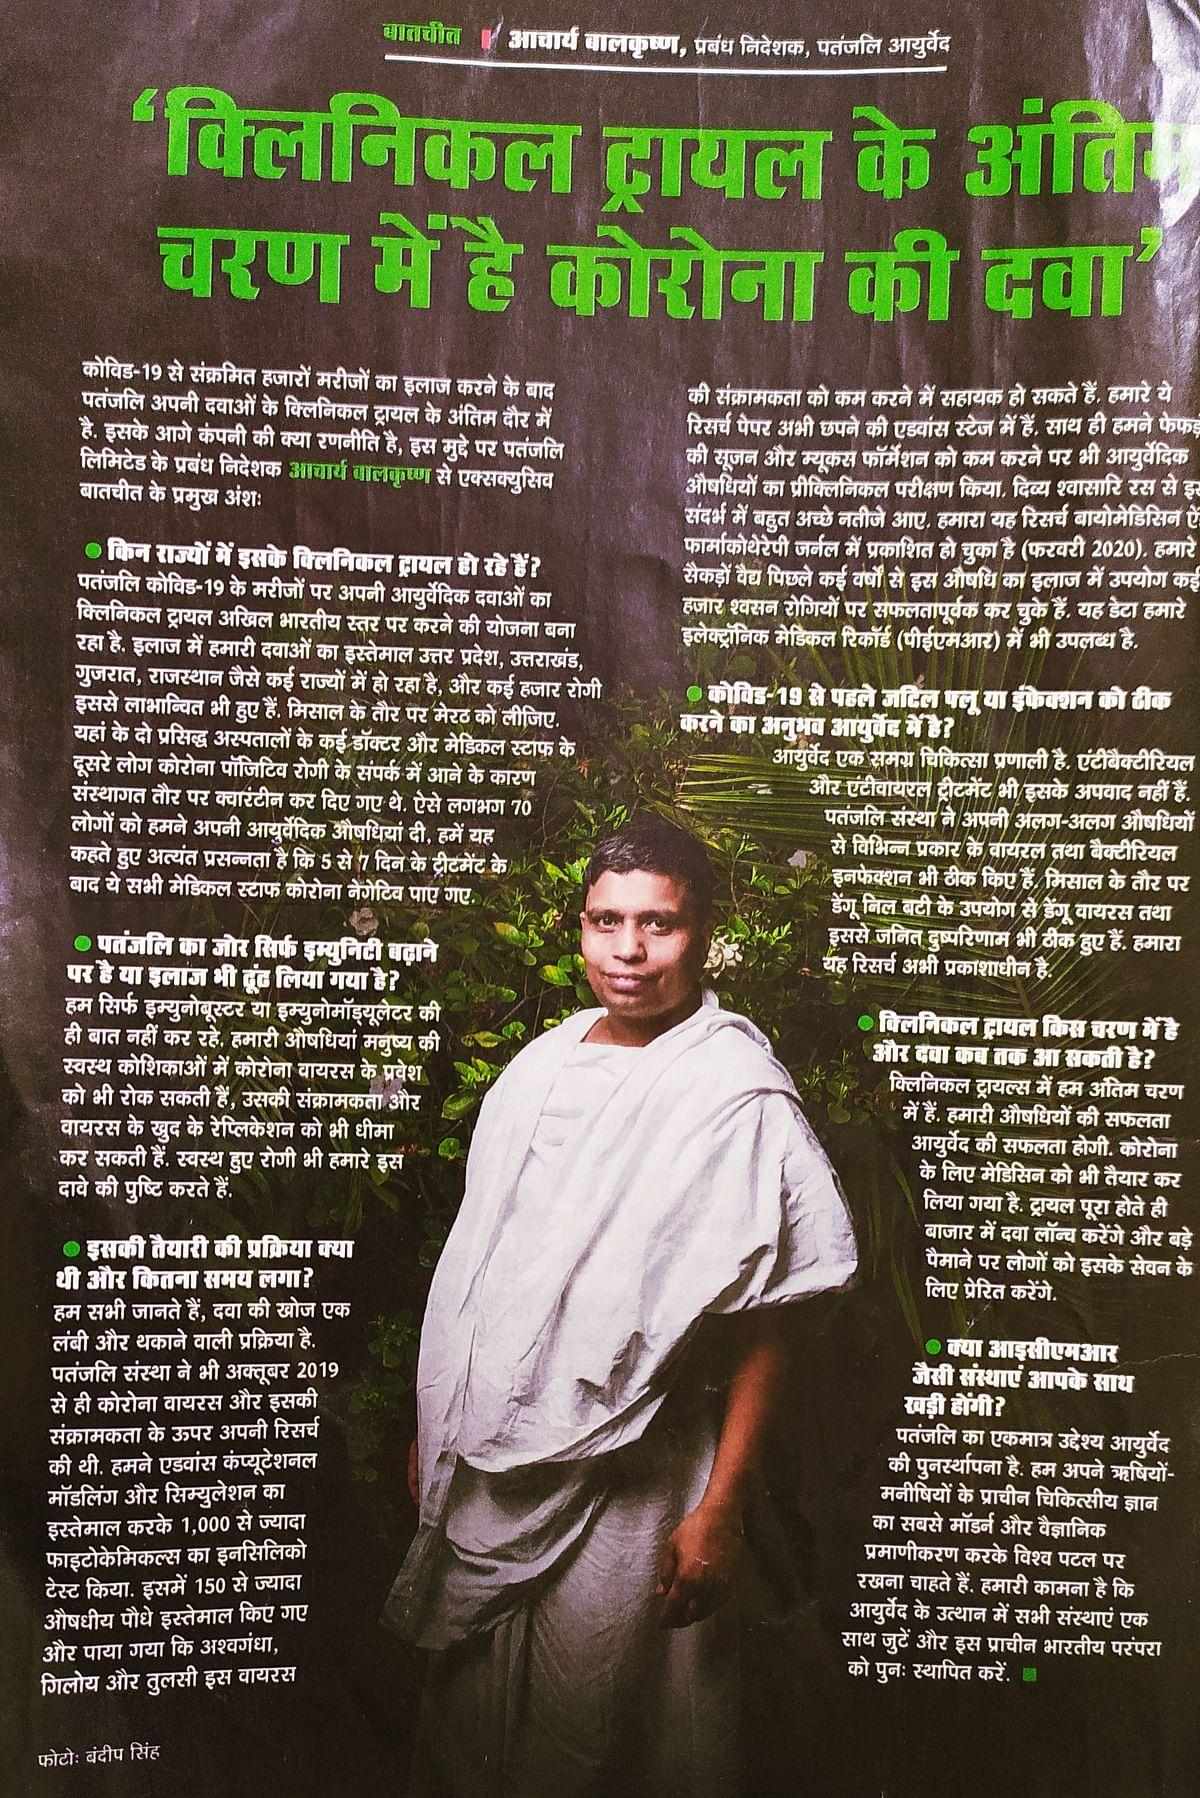 इंडिया टुडे में छपा आचार्य बालकृष्ण का इंटरव्यू